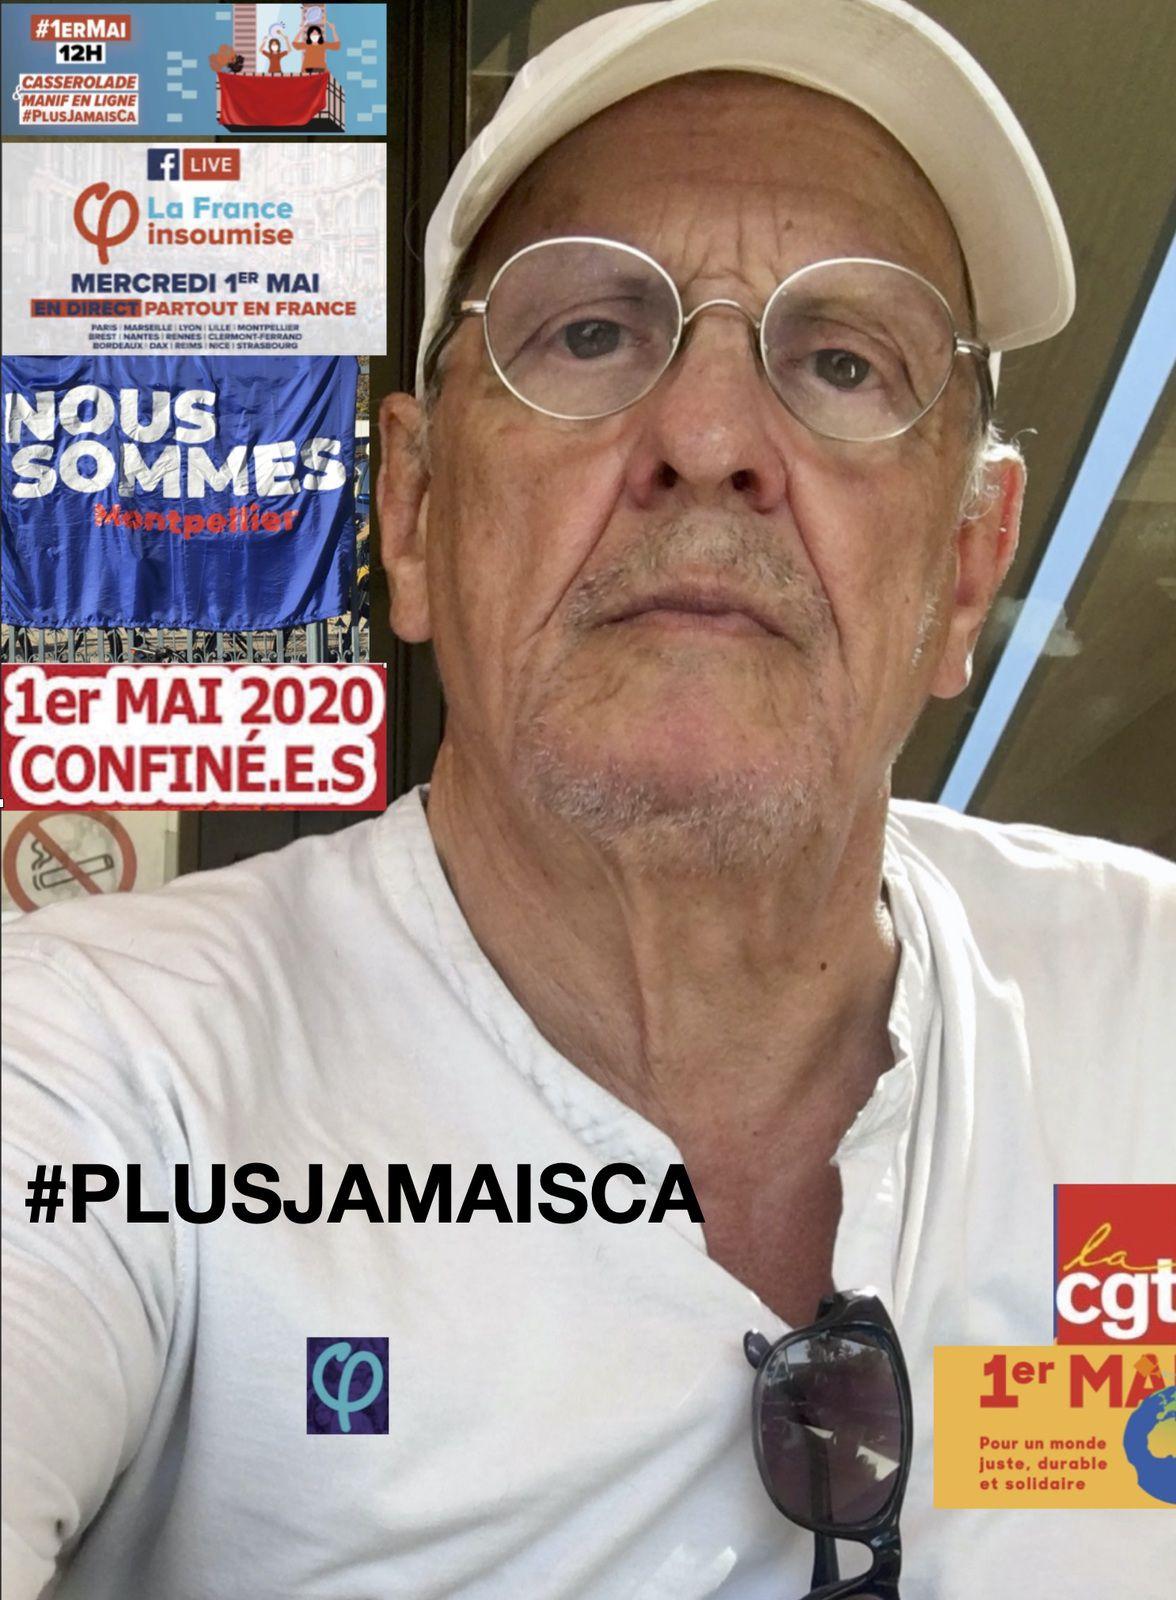 1er mai 2020 Confiné à Montpellier #ONNOUBLIEPAS #PLUSJAMAISCA